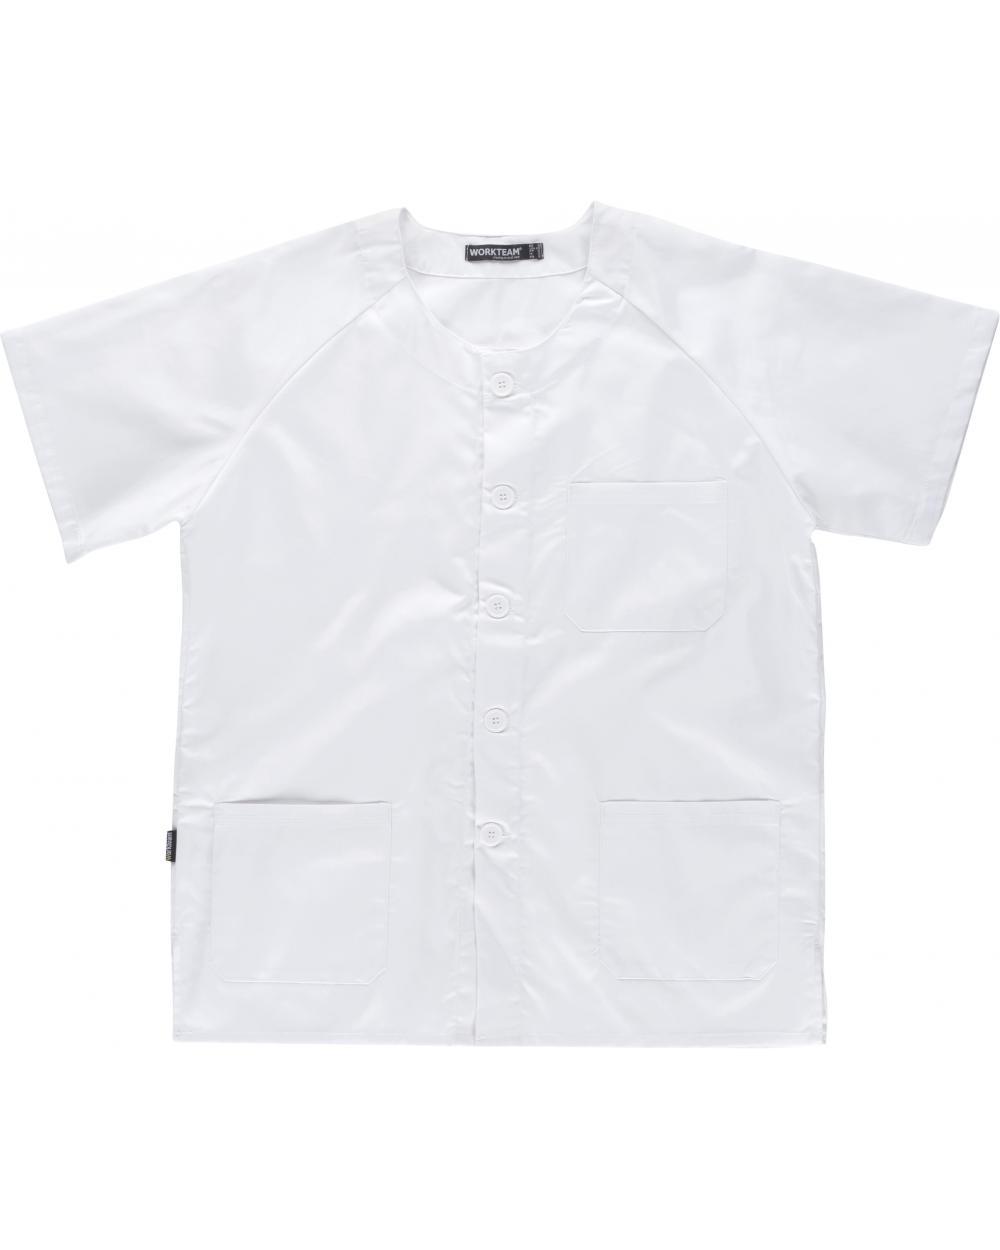 Comprar Casaca sanitaria unisex B9400 Blanco workteam delante